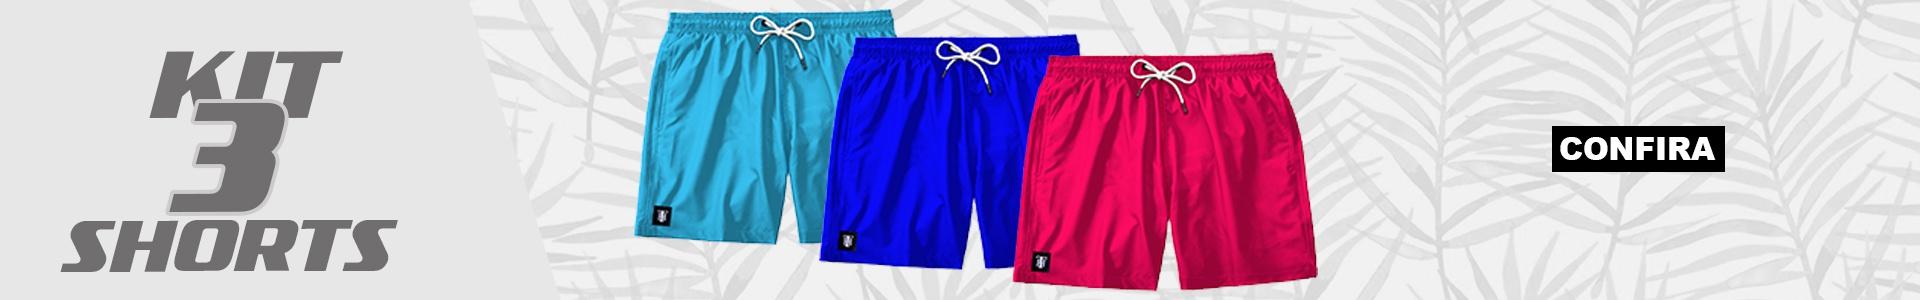 Kit 3 Shorts